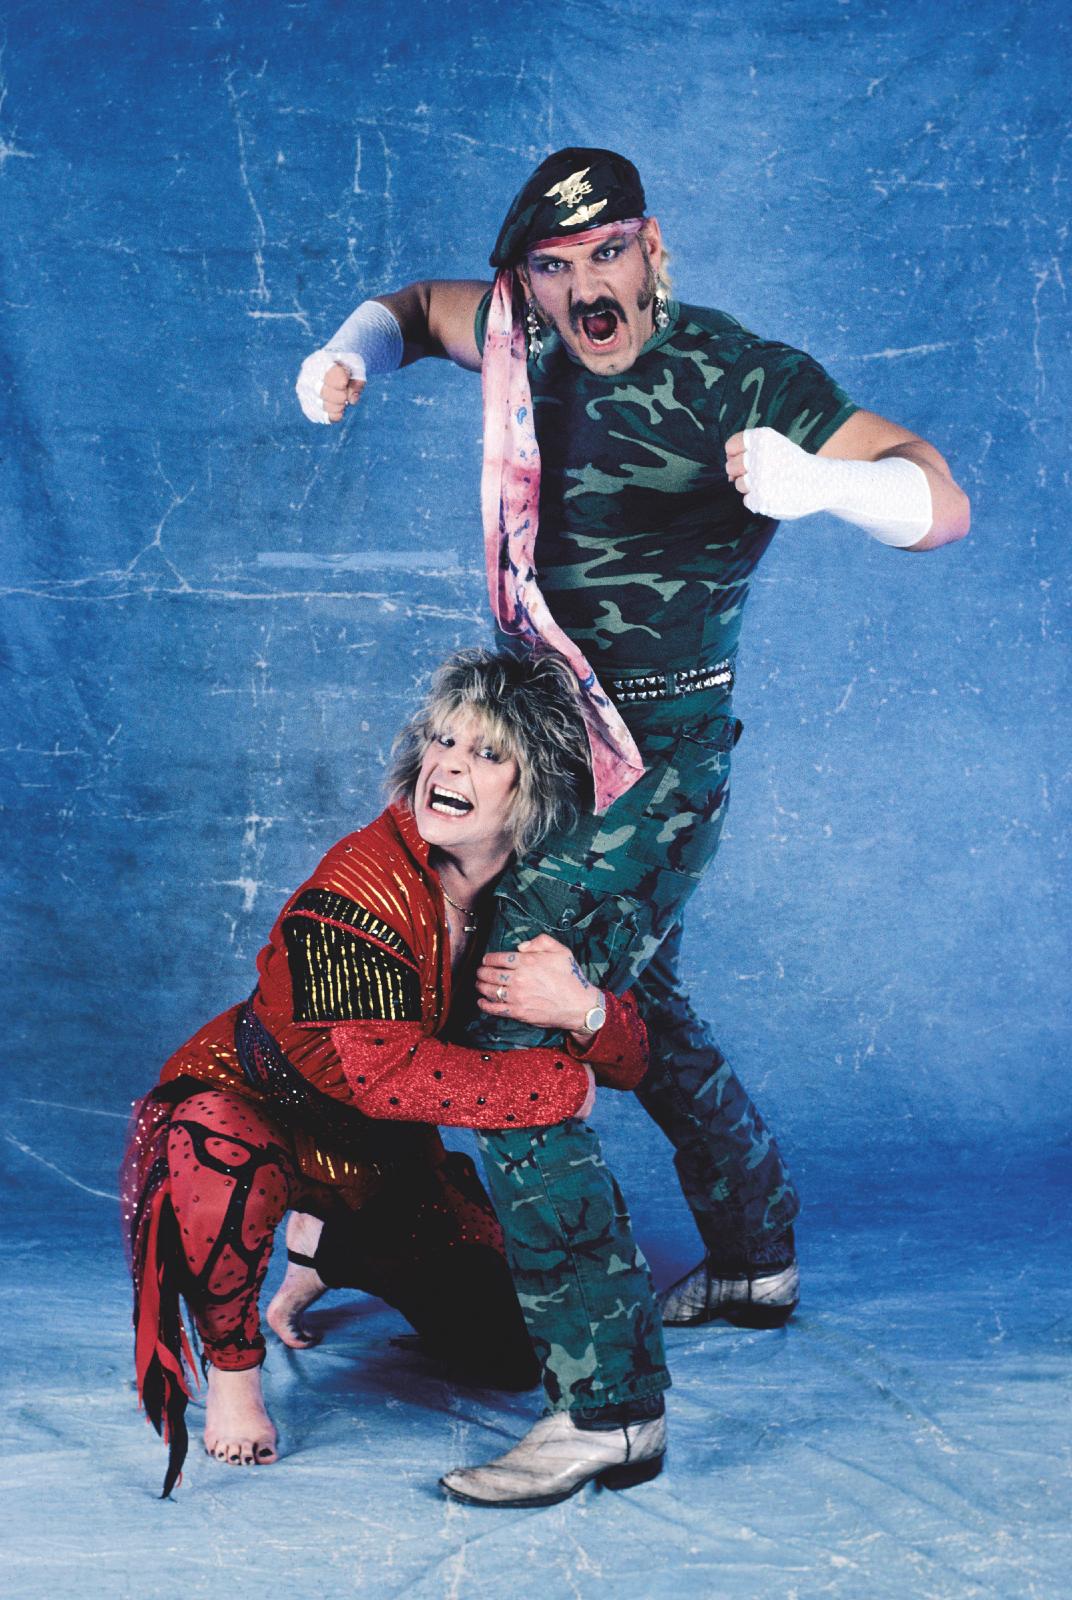 Ozzy Osbourne and Jesse Ventura